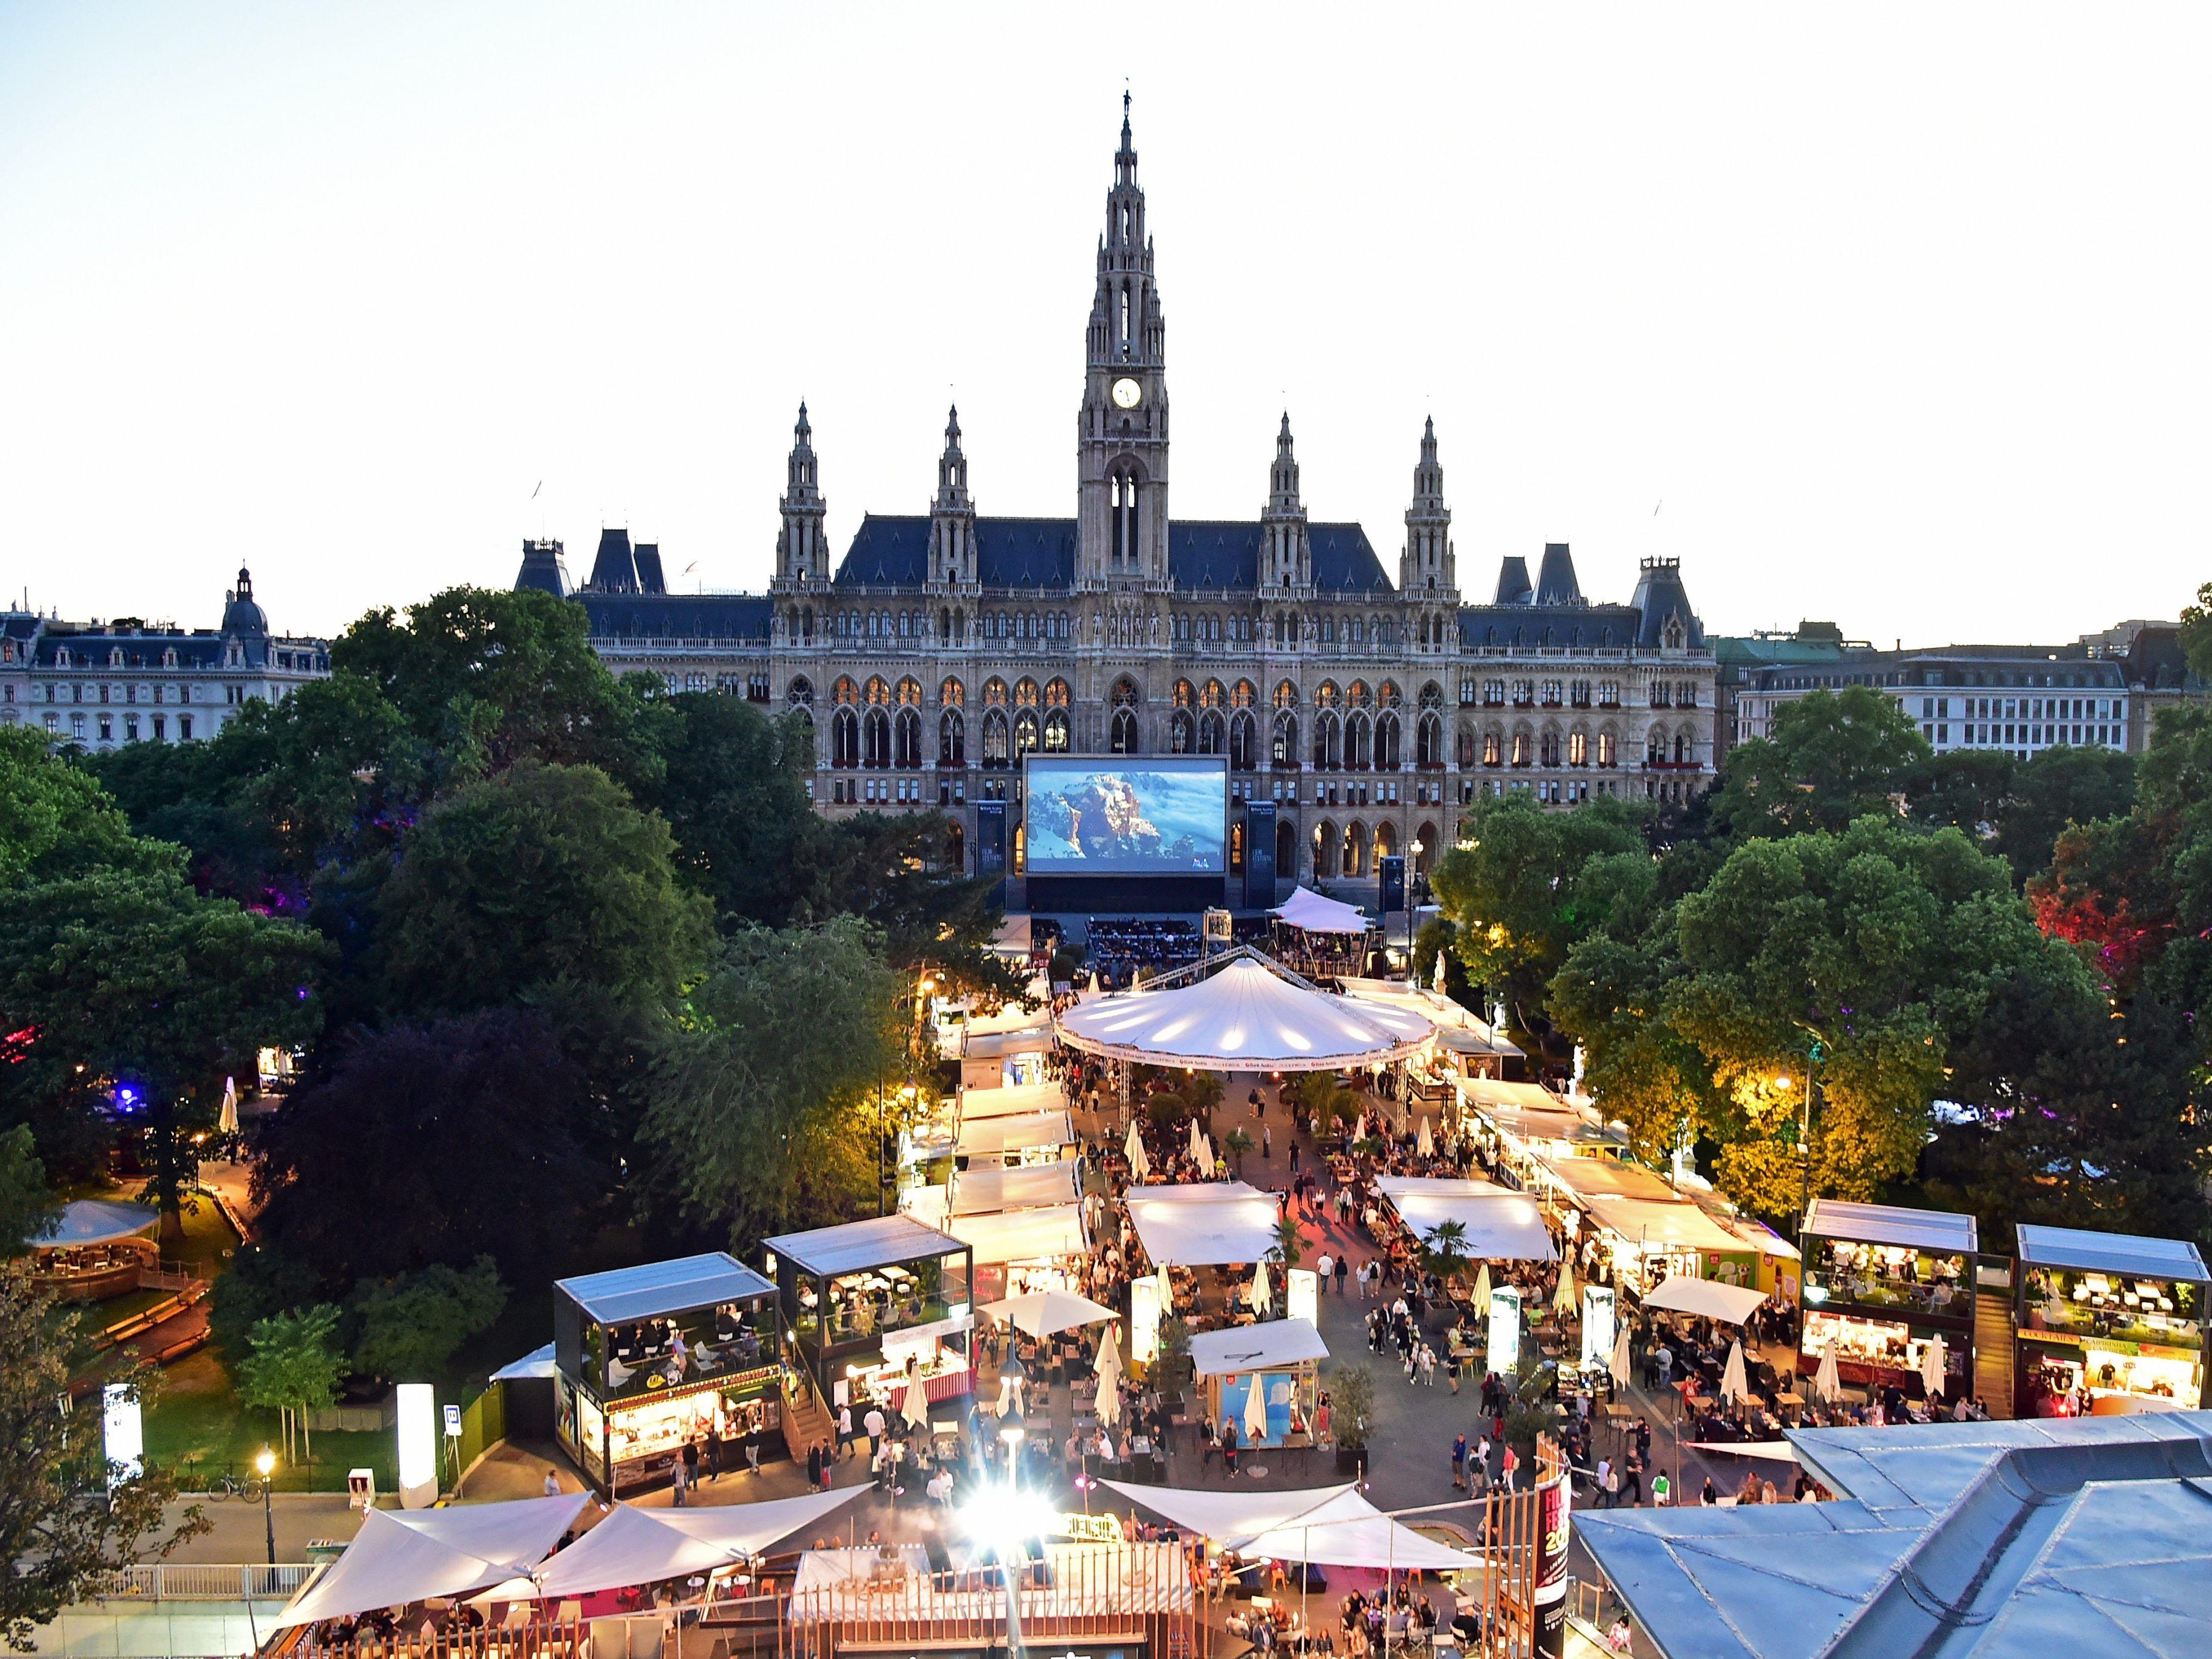 Film Festival 2019 am Wiener Rathausplatz: Das ganze